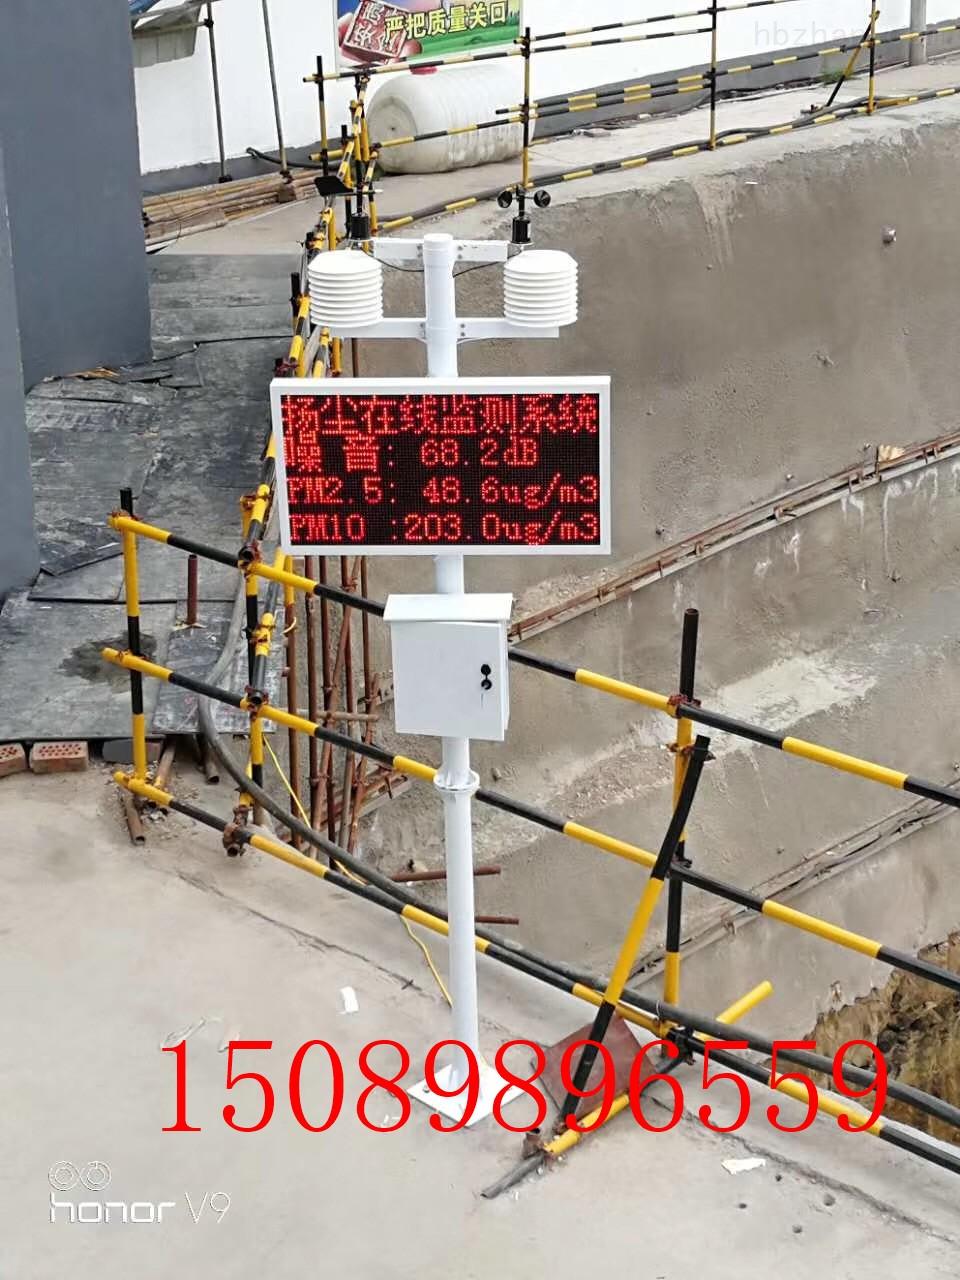 韶关扬尘噪音监测设备一环境监测系统多少钱